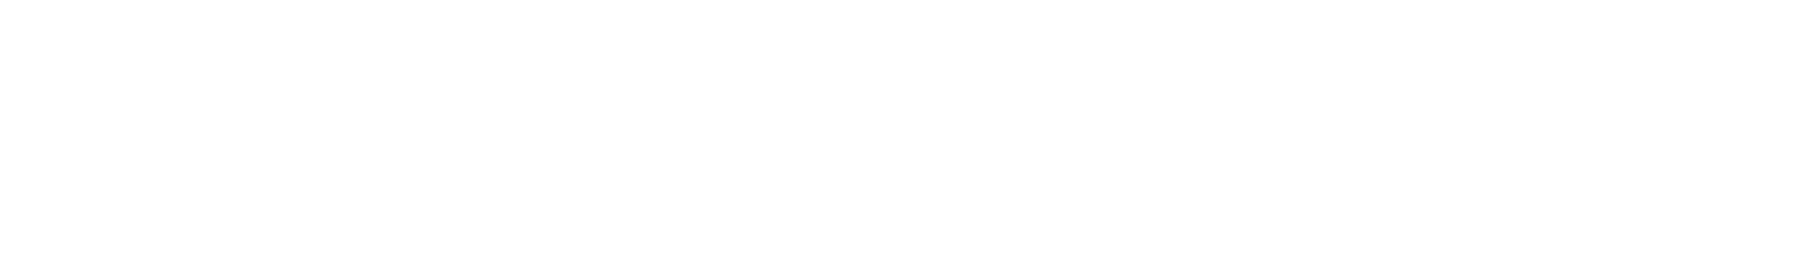 guitarfunk18 130